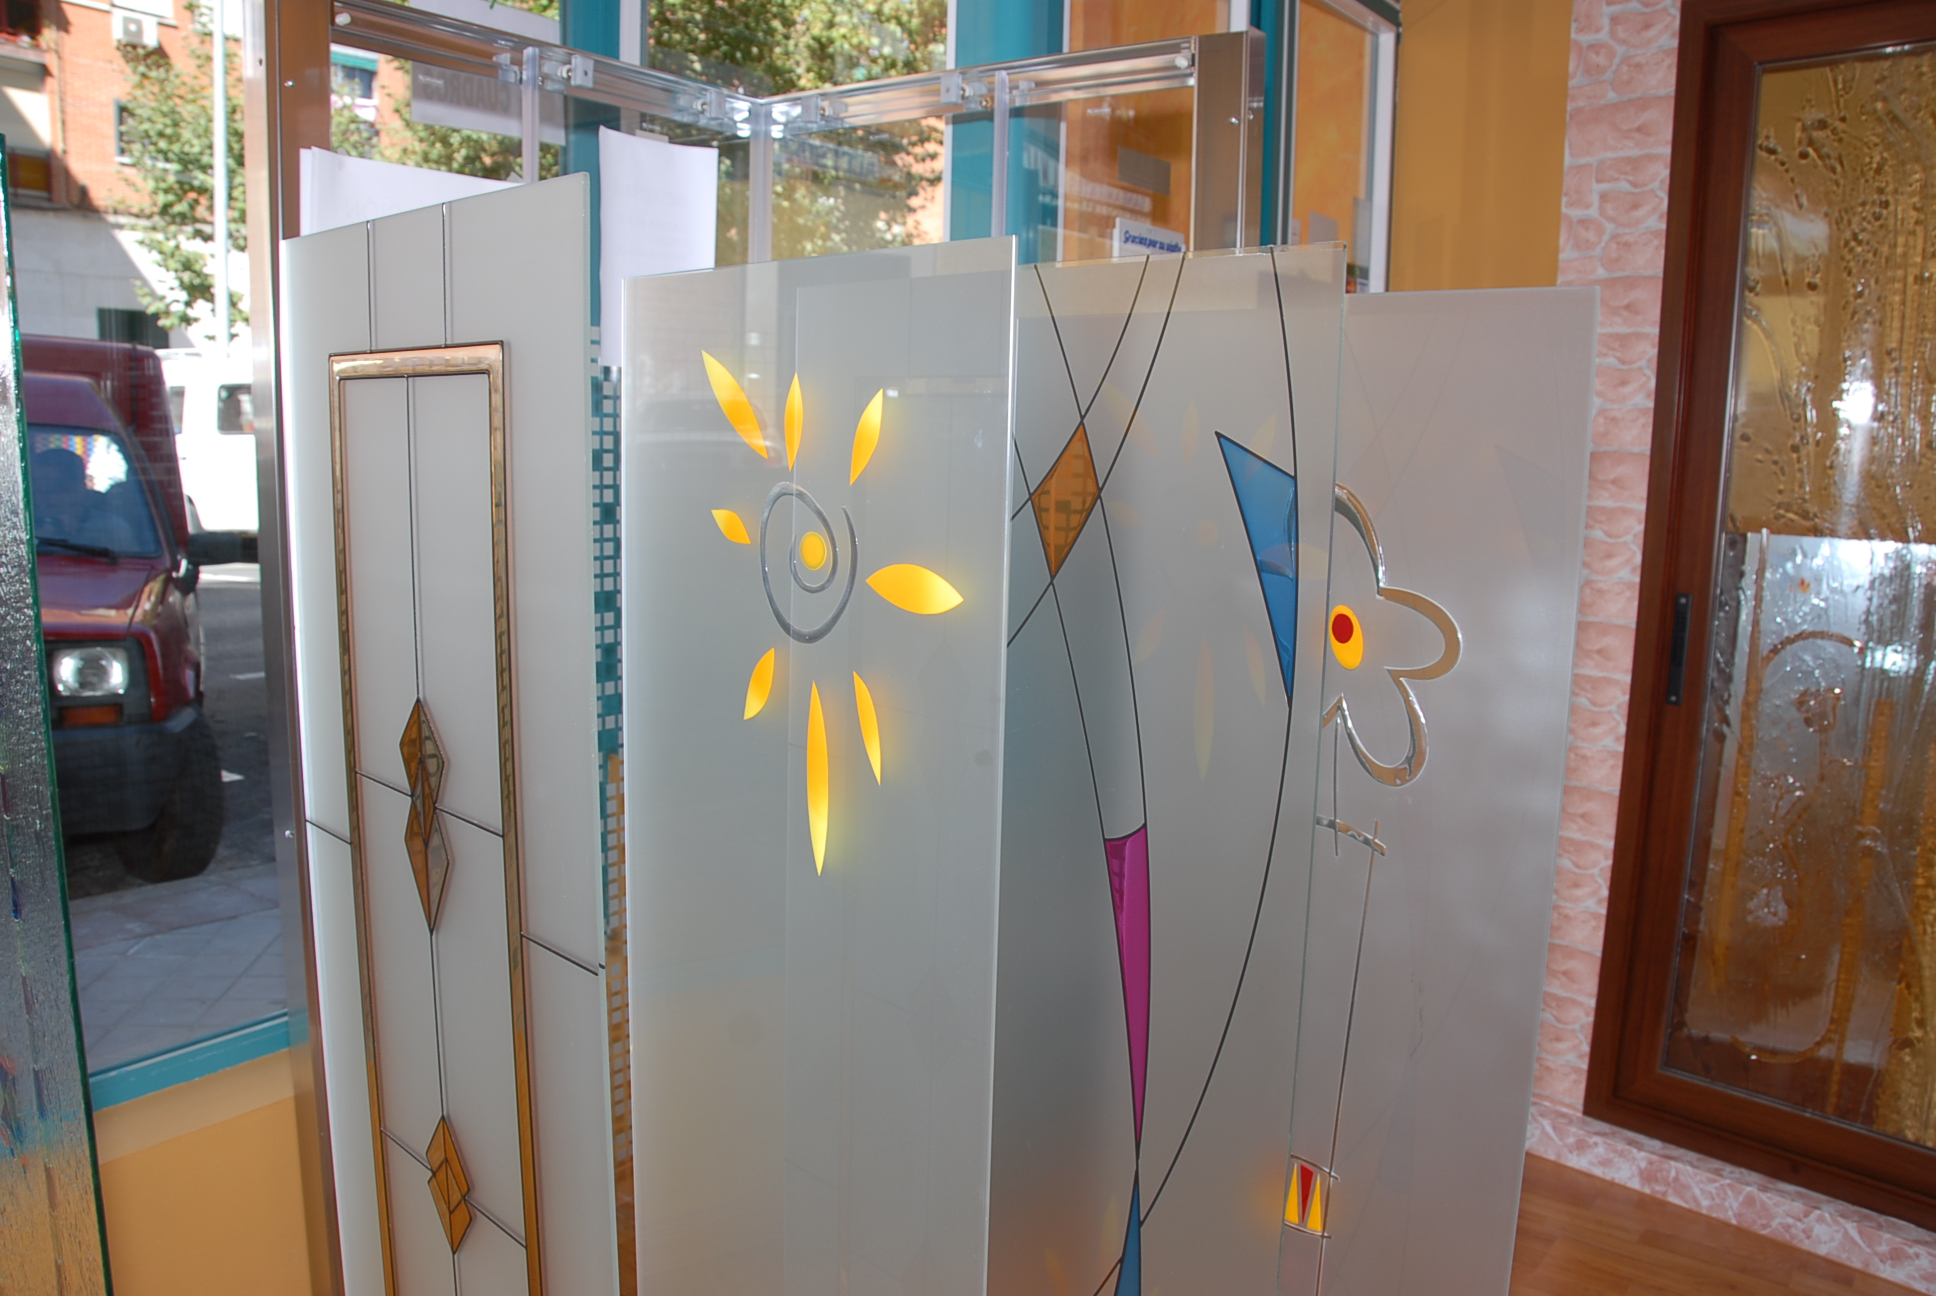 Cristales para puertas instalaci n for Cristales para puertas de interior